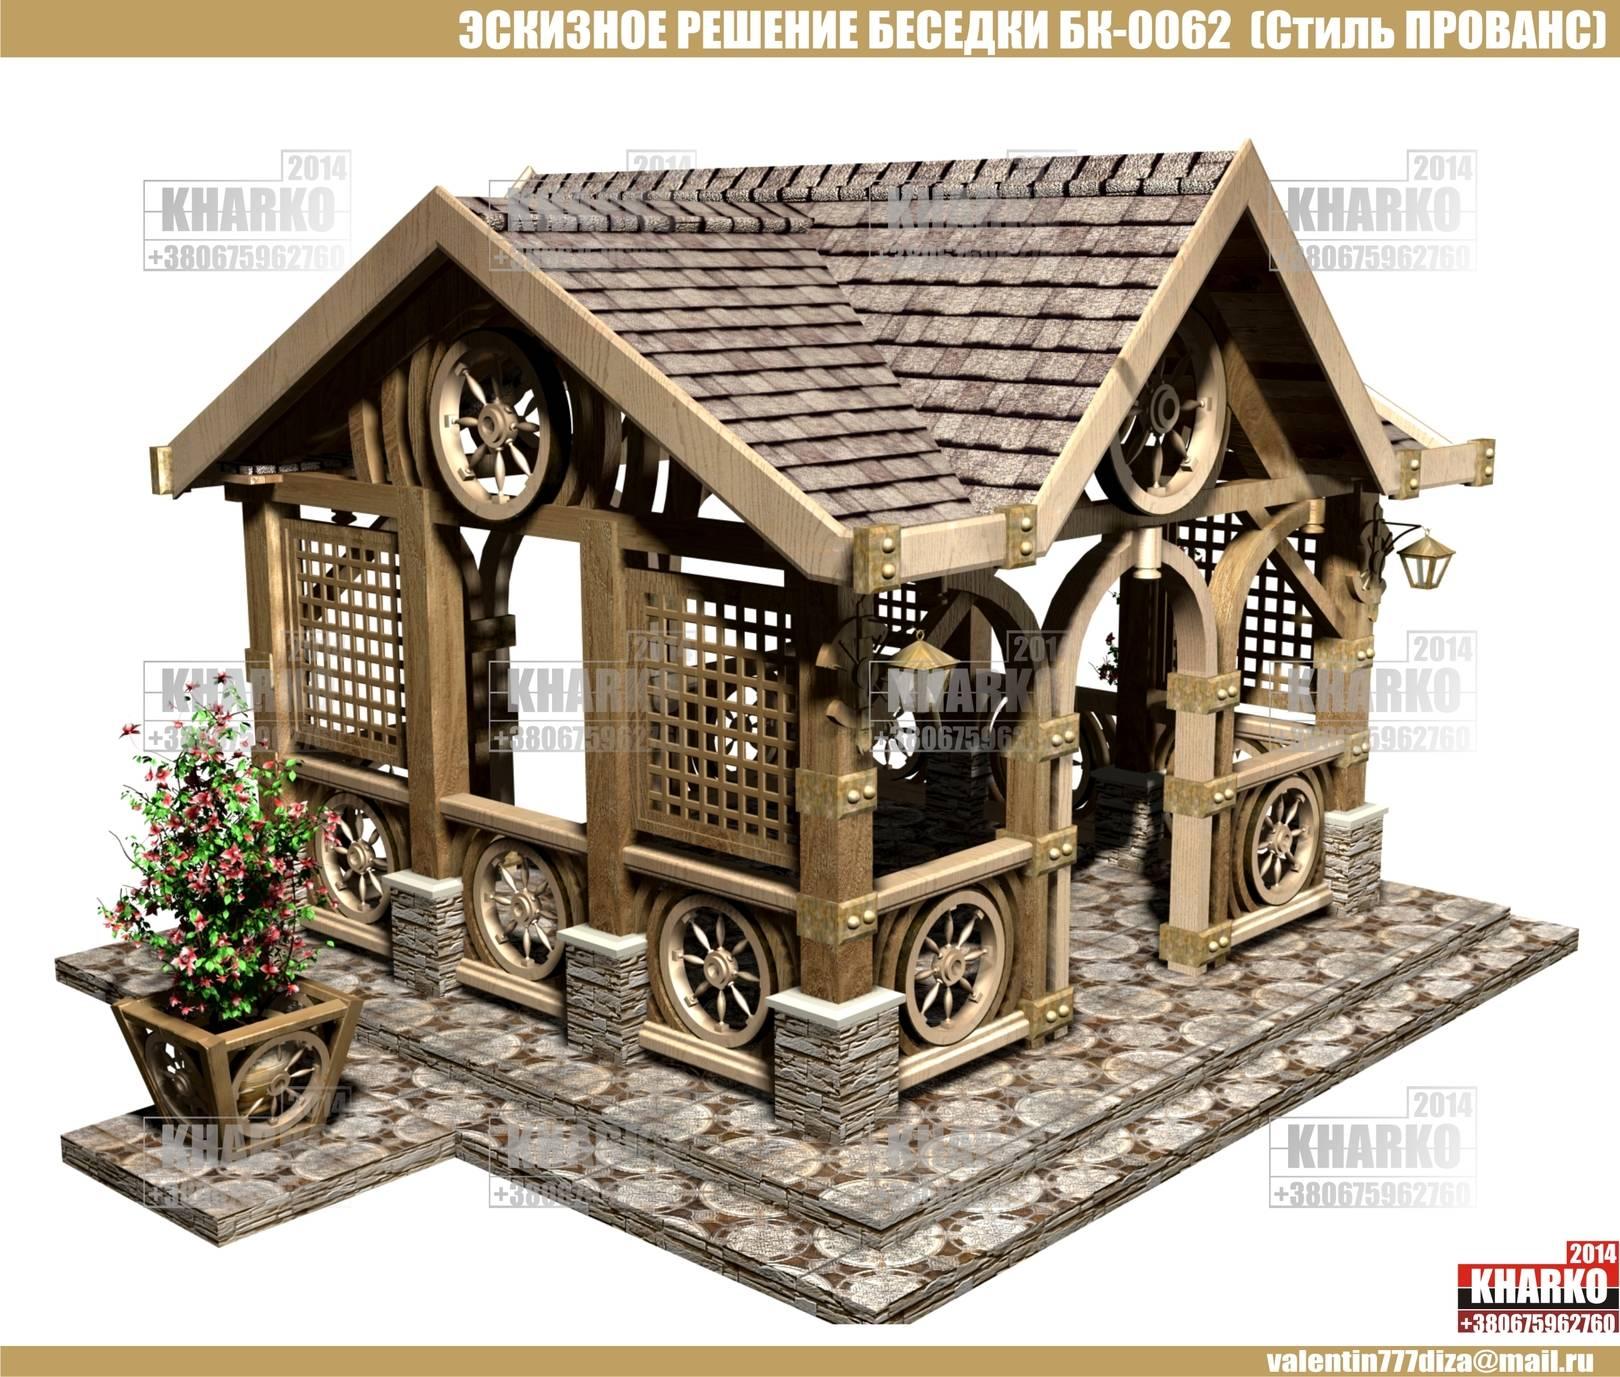 проект беседки БК-0062 (стиль прованс),project pergola, gazebo, shed  общая площадь беседки- 25,4 м. кв. эксплуатируемая площадь беседки-22,4 м.кв. габаритные размеры - 5,2 м. на 5,2 м. тип фундамента-монолитный ж/б материал наружной стены и опор-кирпич, бетон, дерево тип кровли- керамическая черепица Наружная отделка цоколя -декоративный камень Стоимость проекта- 1500 грн.